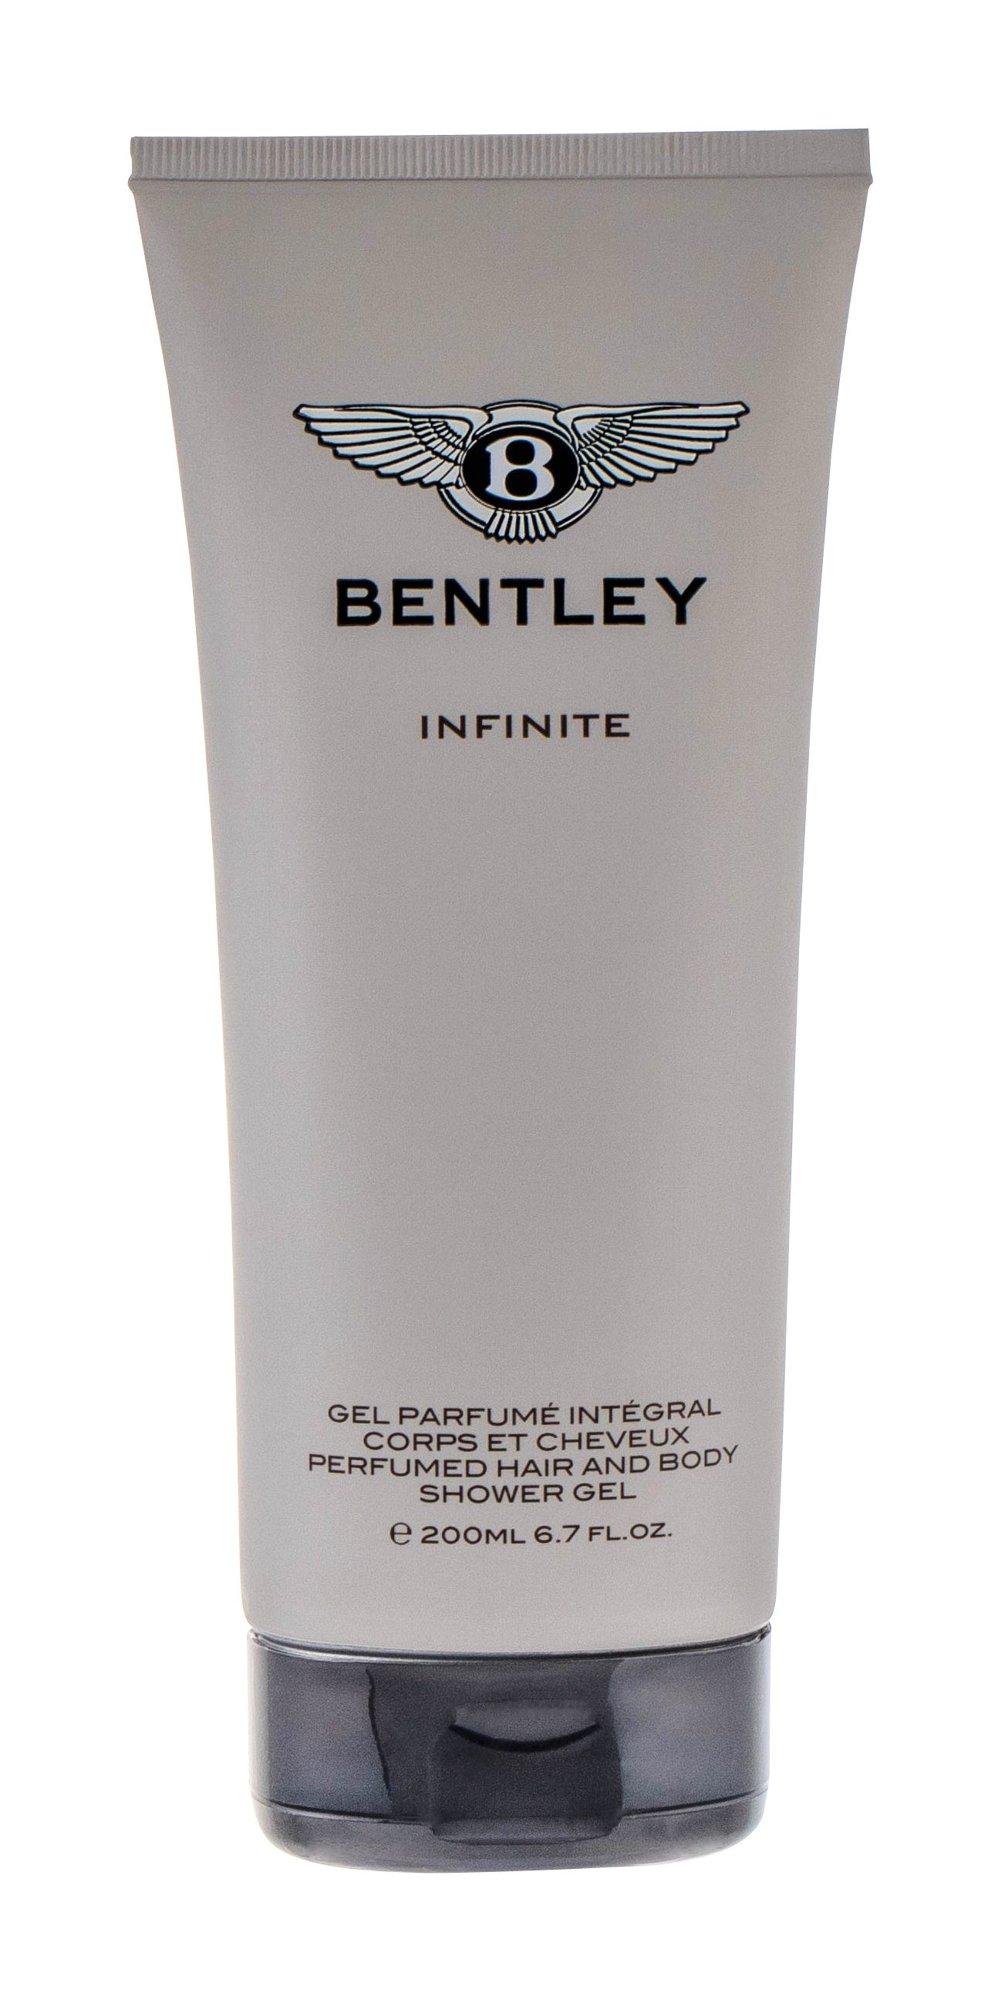 Bentley Infinite Shower gel 200ml